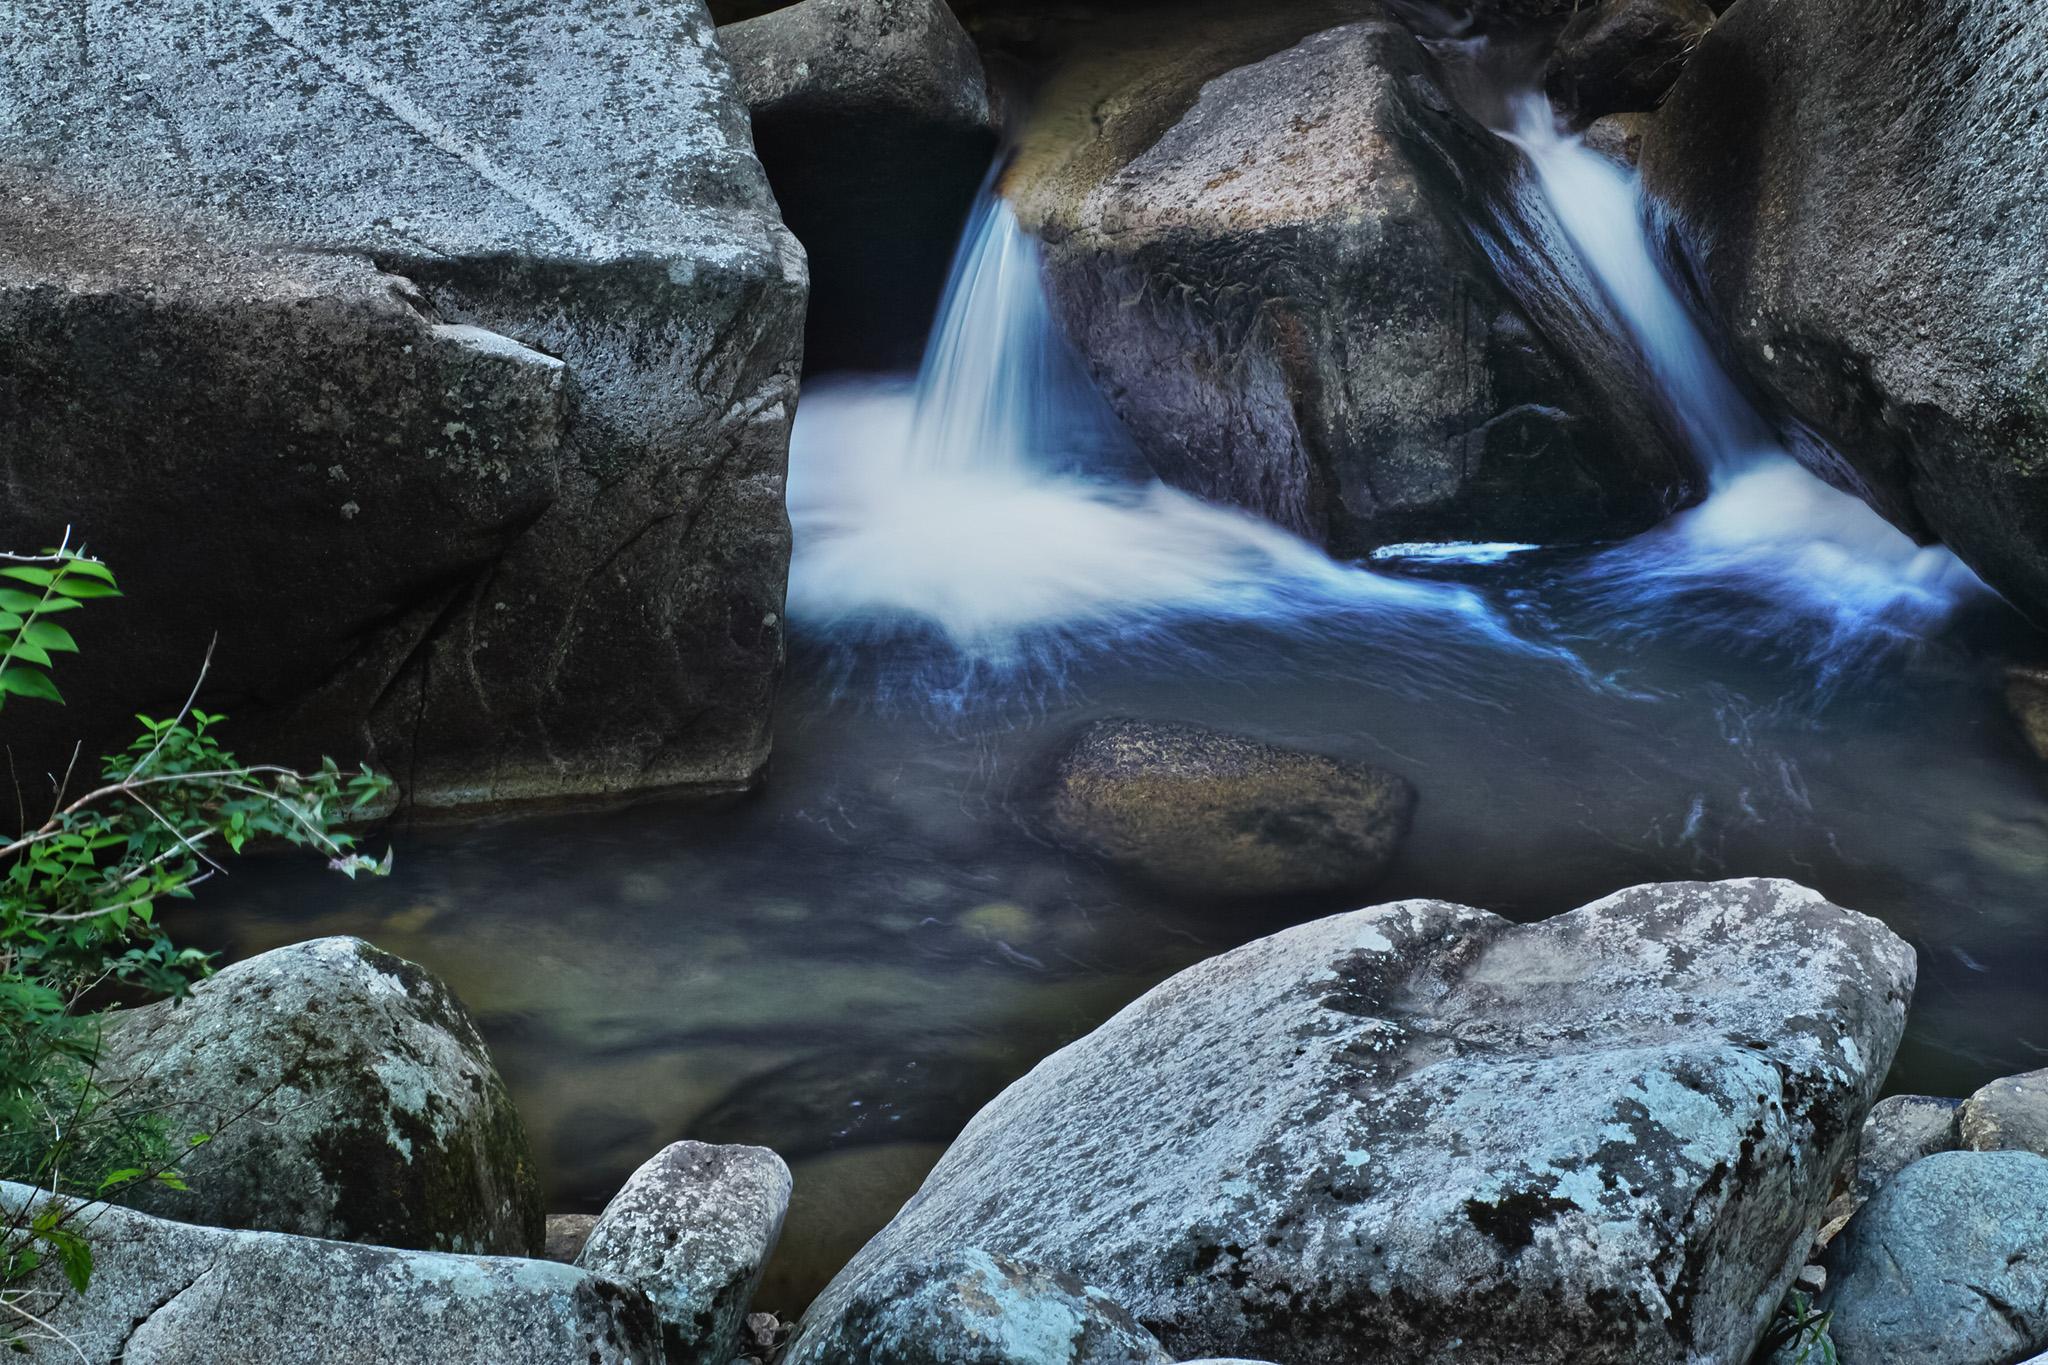 「渓流の岩の間を流れる水」の素材を無料ダウンロード